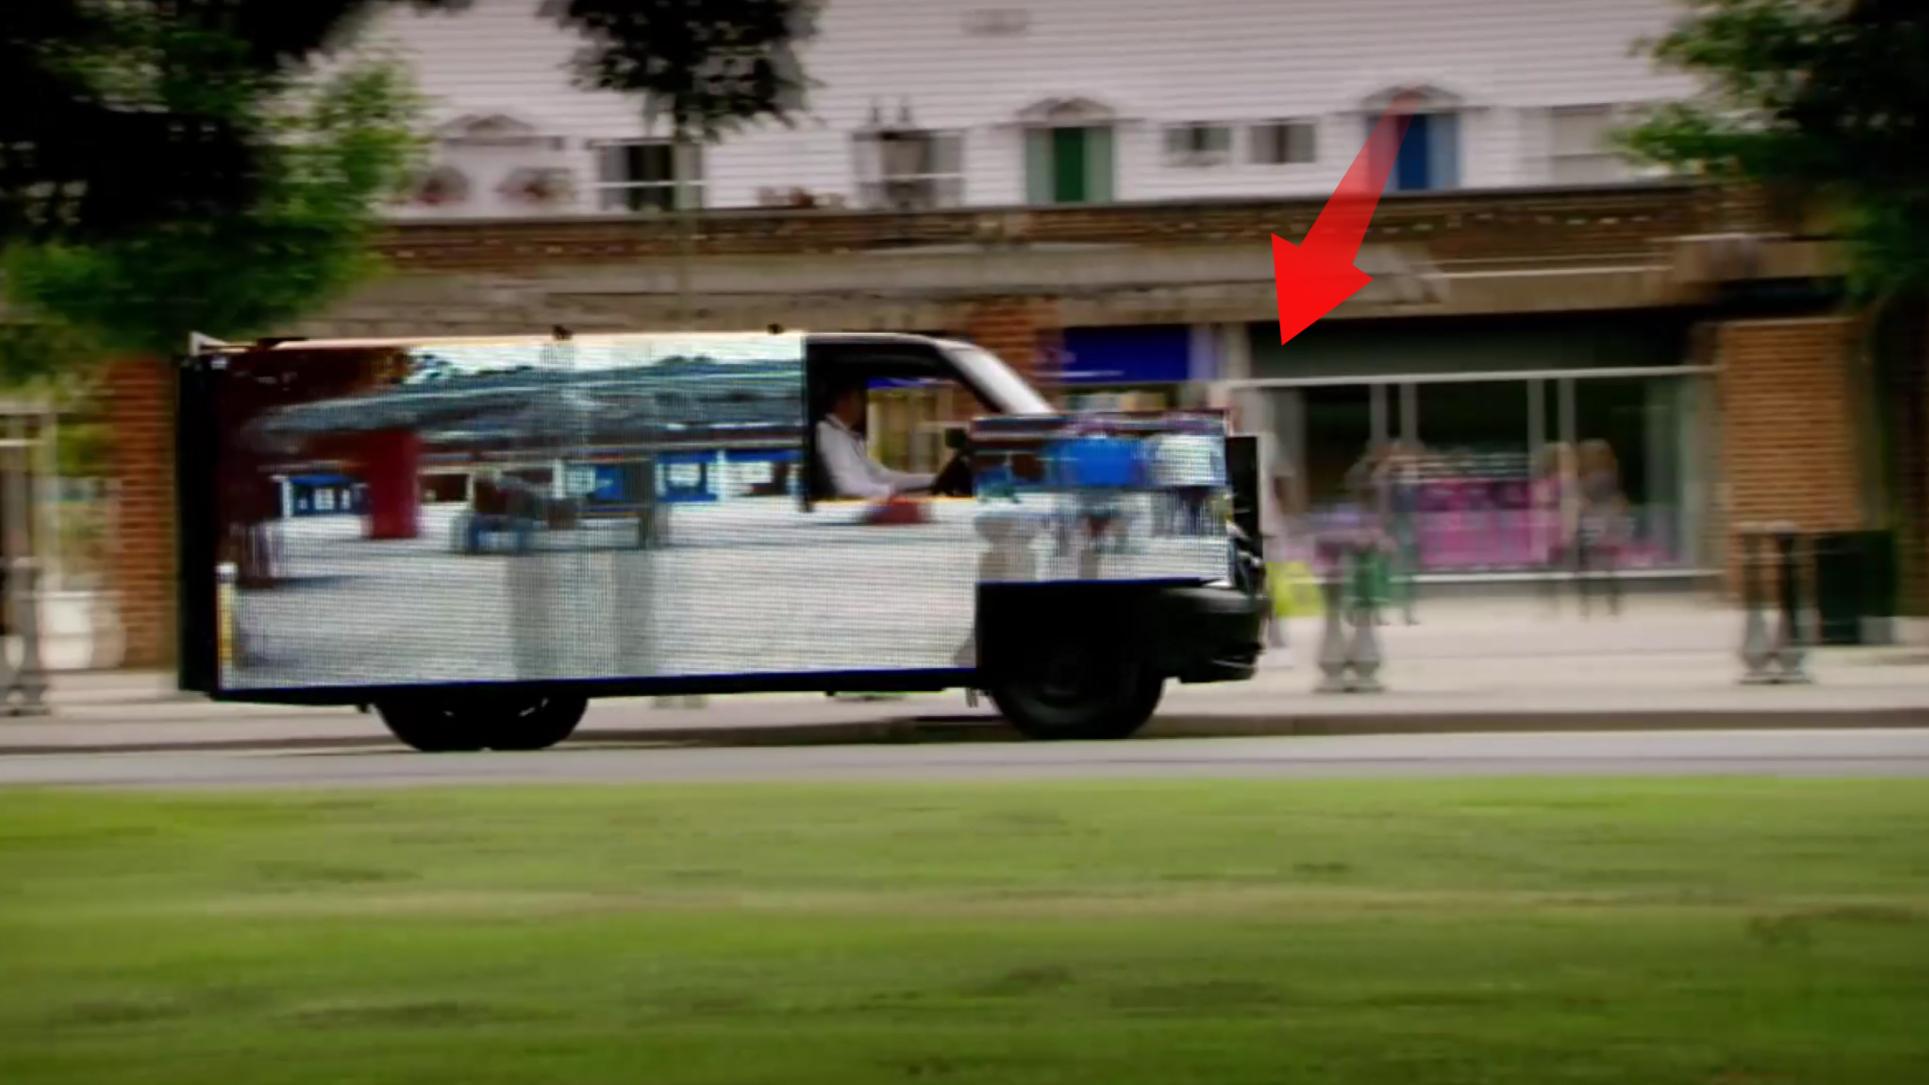 隐形客车,开着开着就不见了,这样安全吗,你能找的到吗